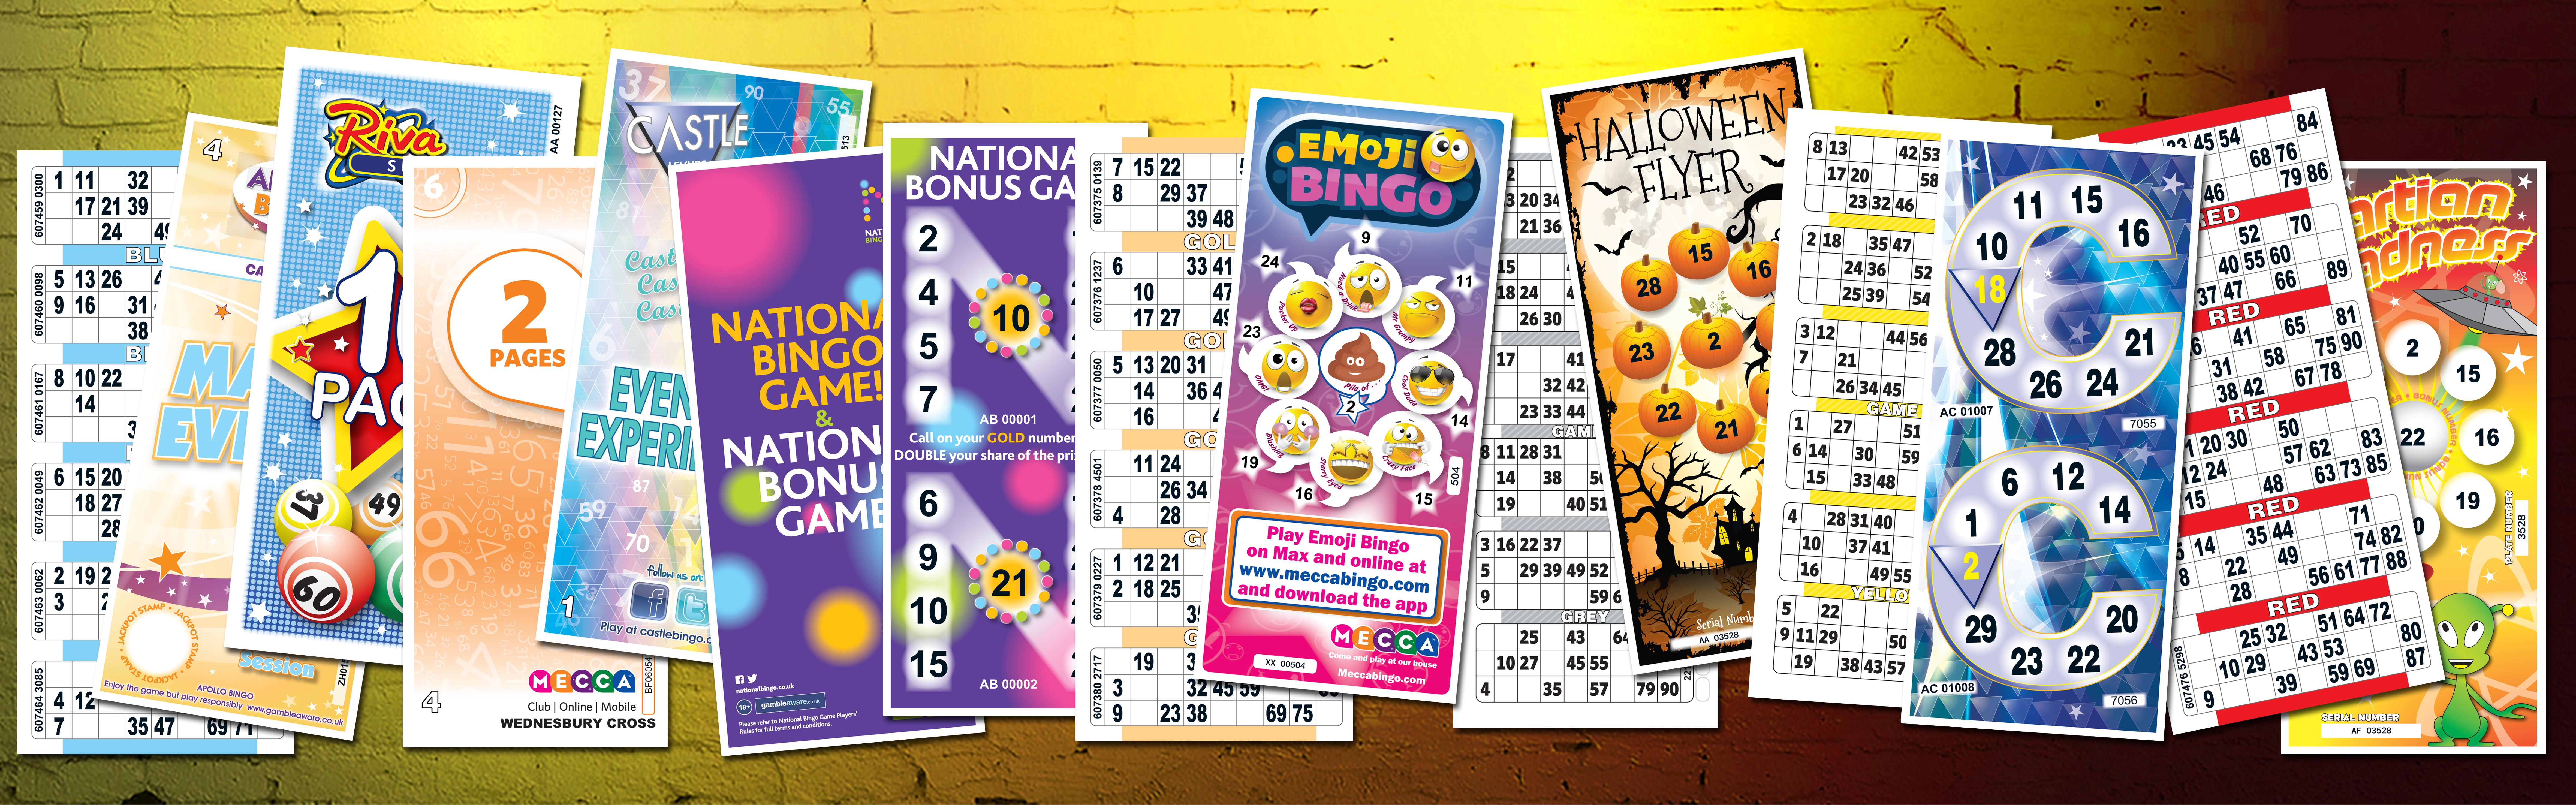 Bingo Ticket head banner2Flat